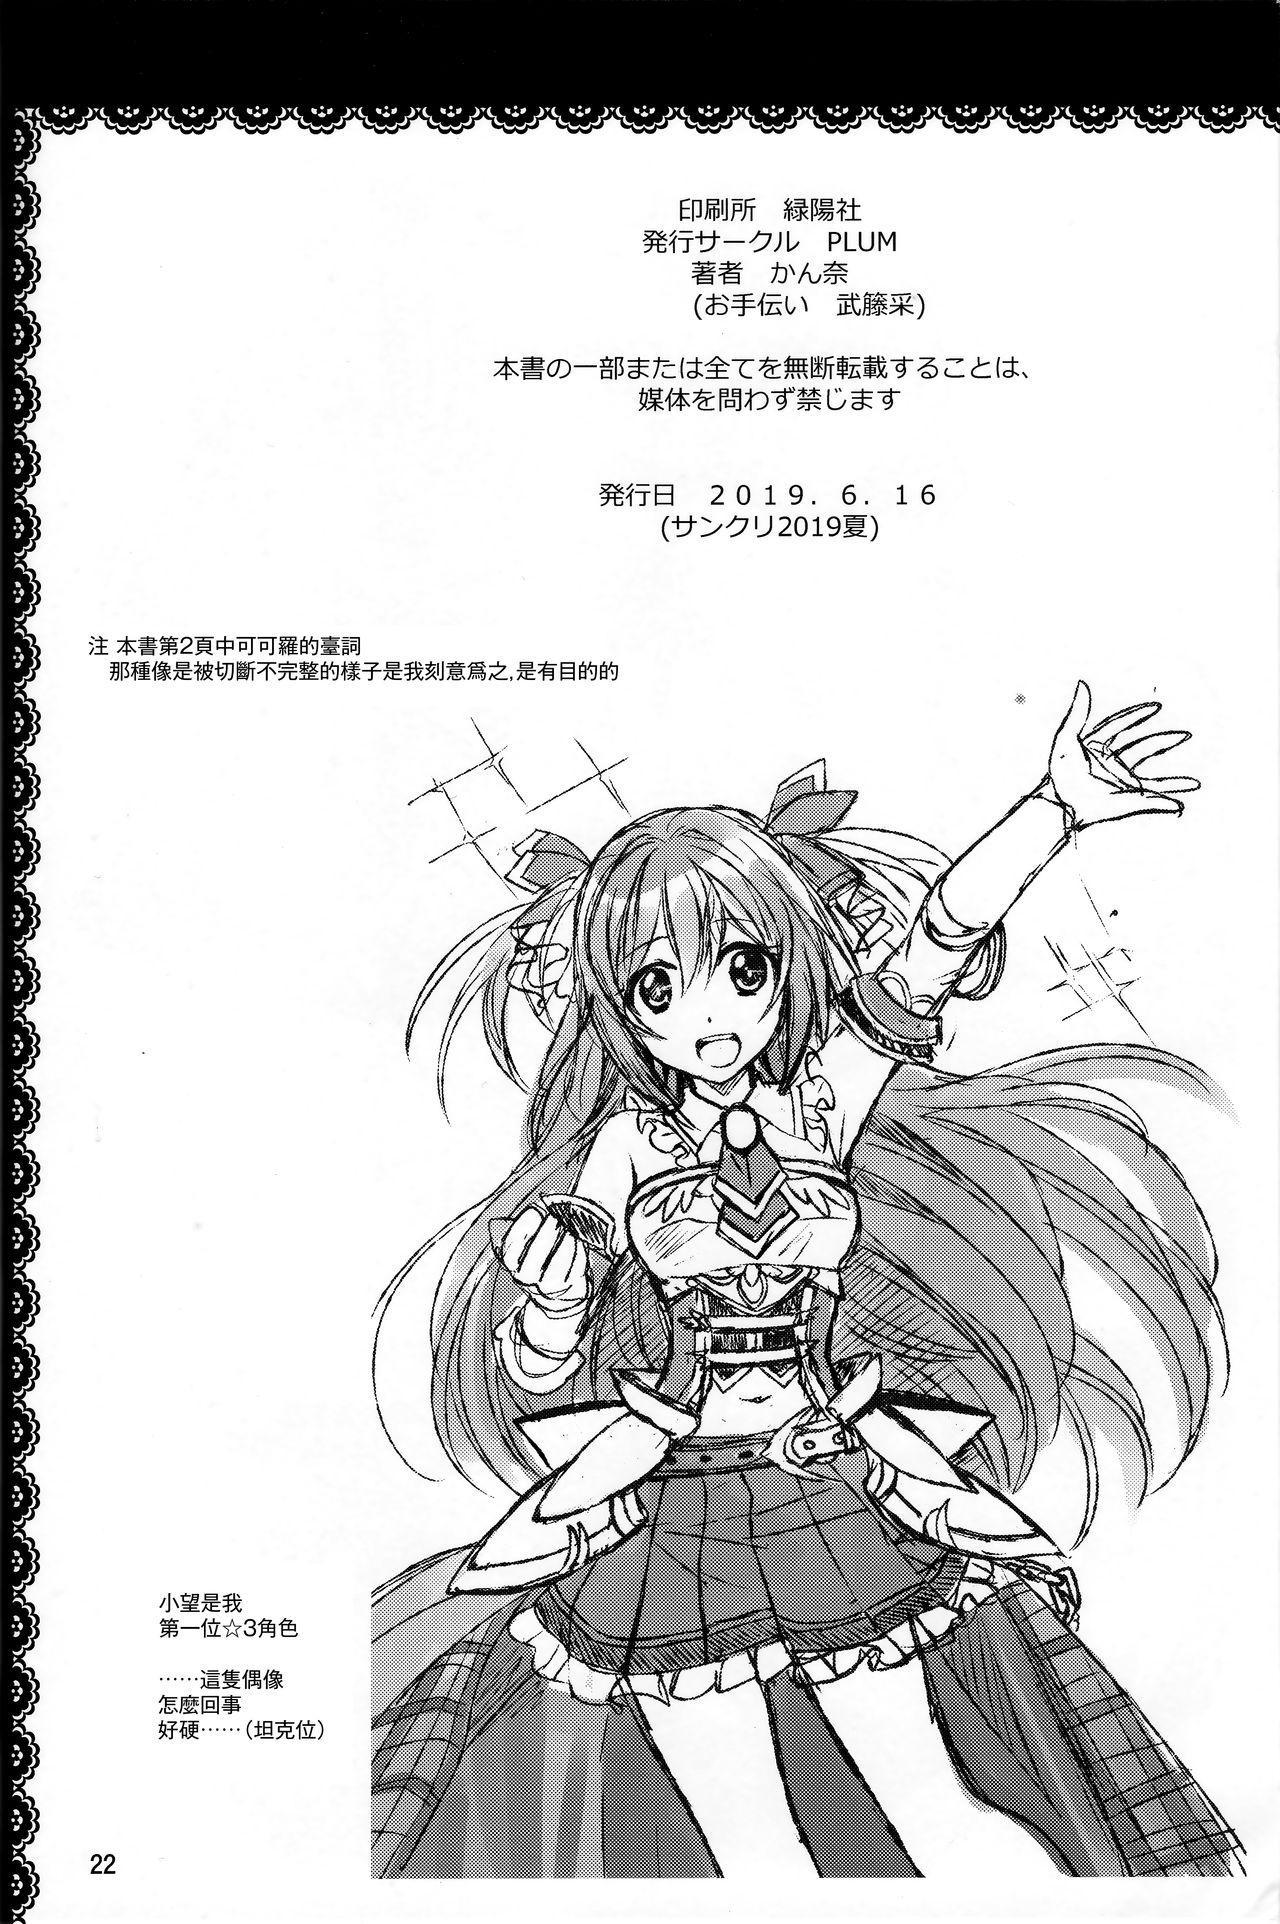 Aruji-sama ni Naisho no Memory Piece 21